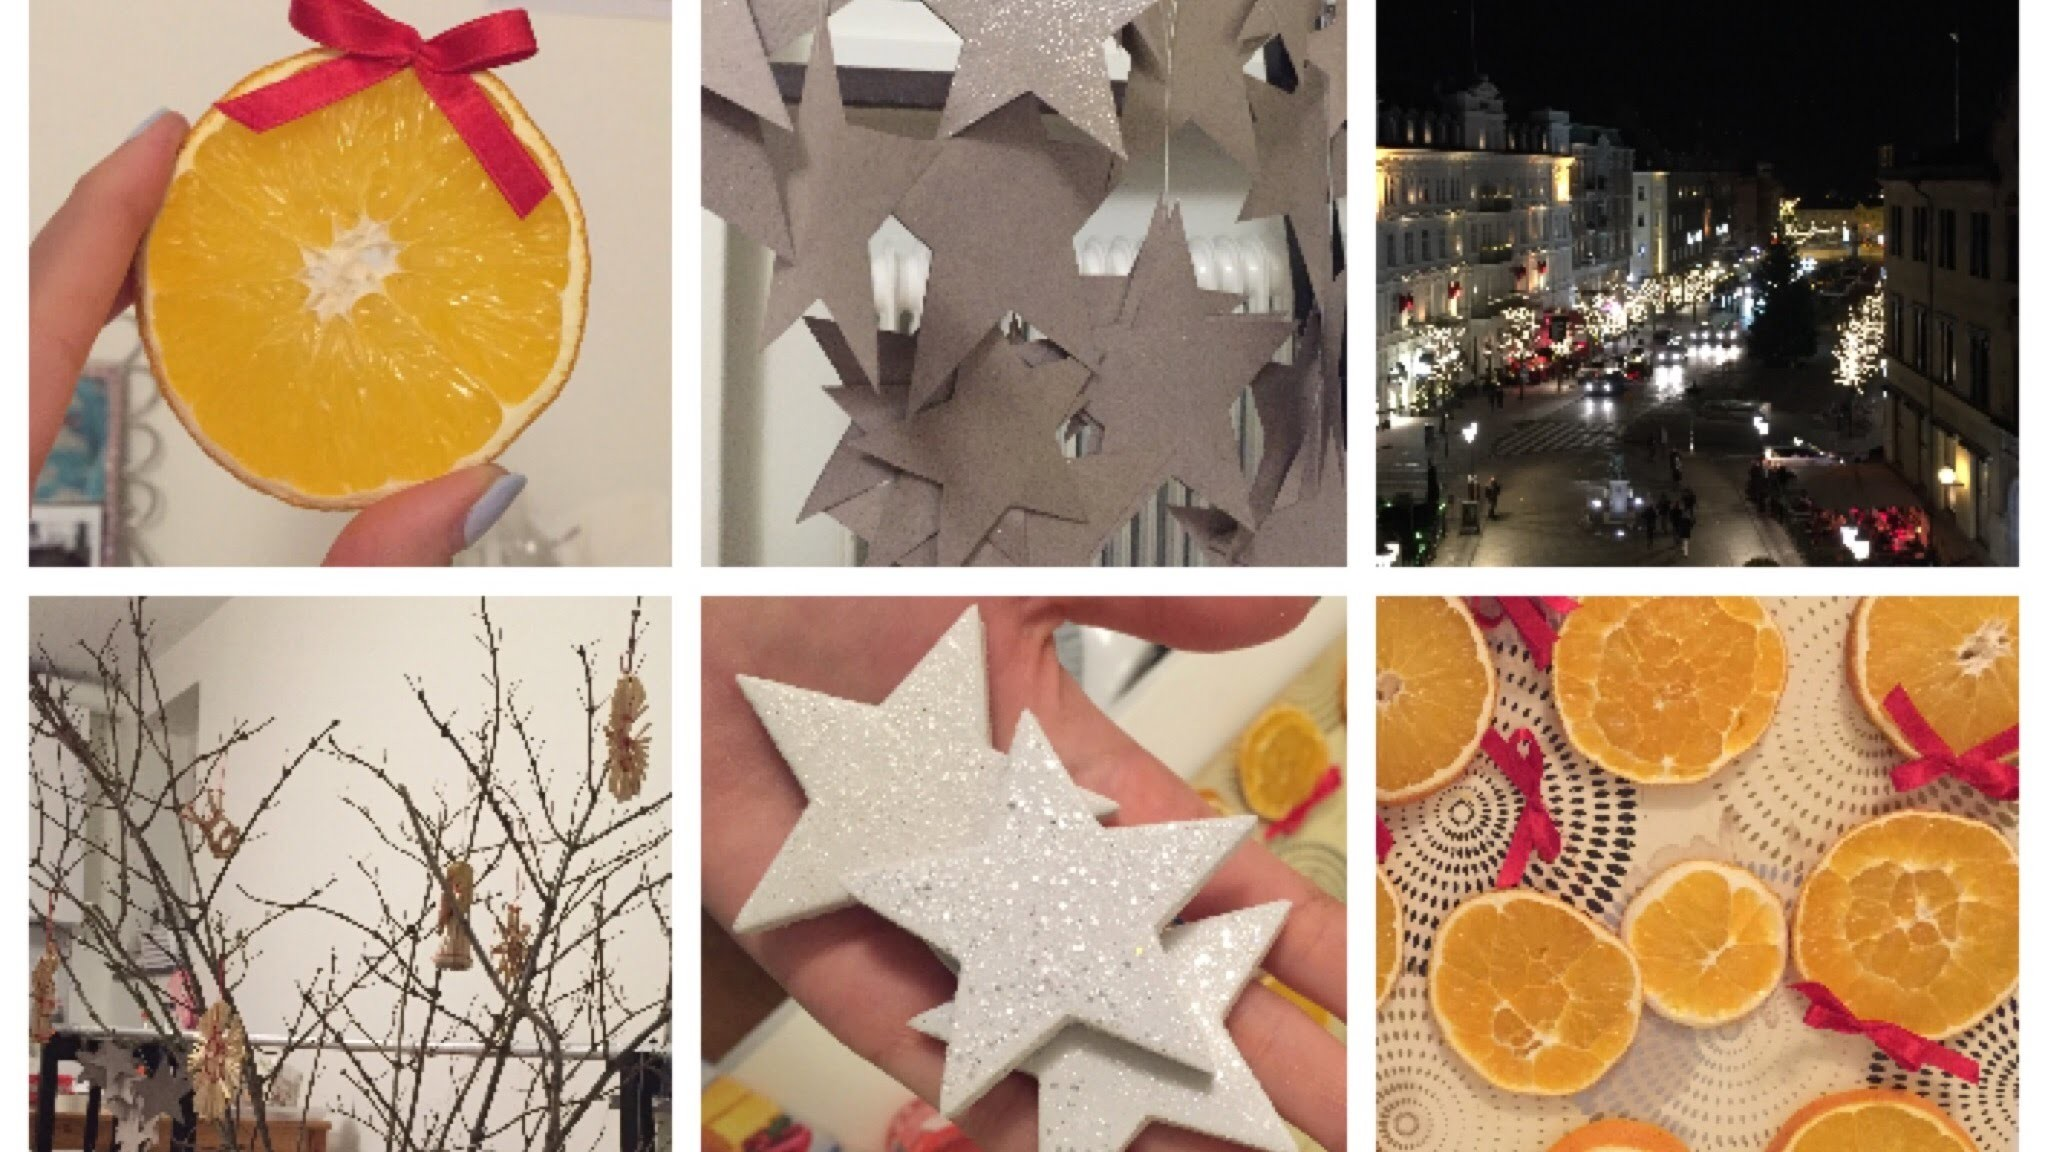 PRAWIE VLOGMAS - OZDOBY DIY & HELSINGBORG | Ania w Szwecji